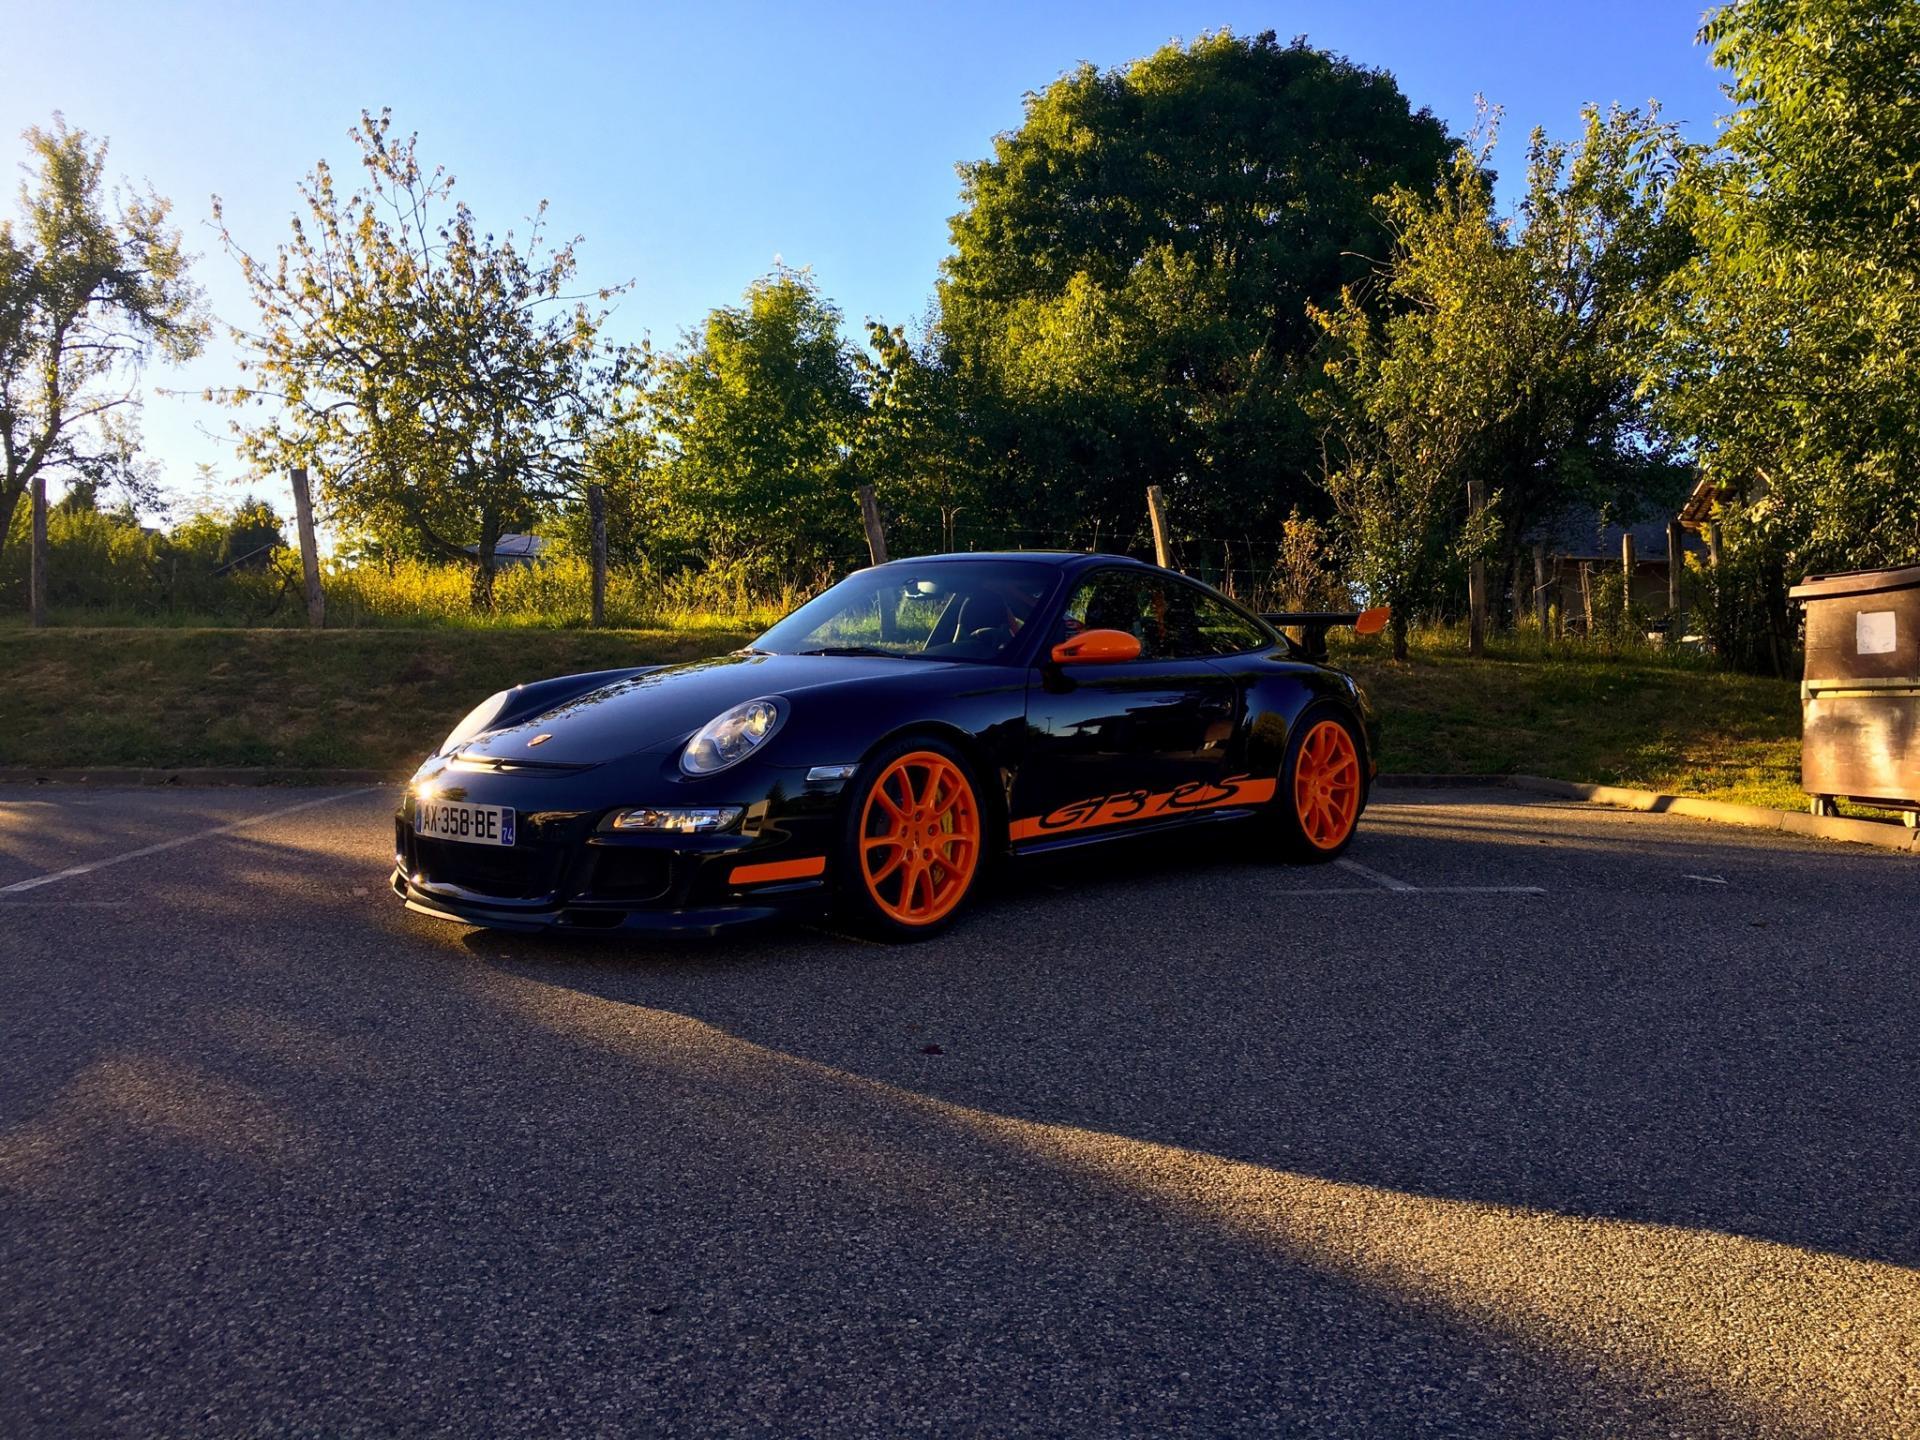 Porsche 997 GT3 RS 3.6 (Porsche 997)